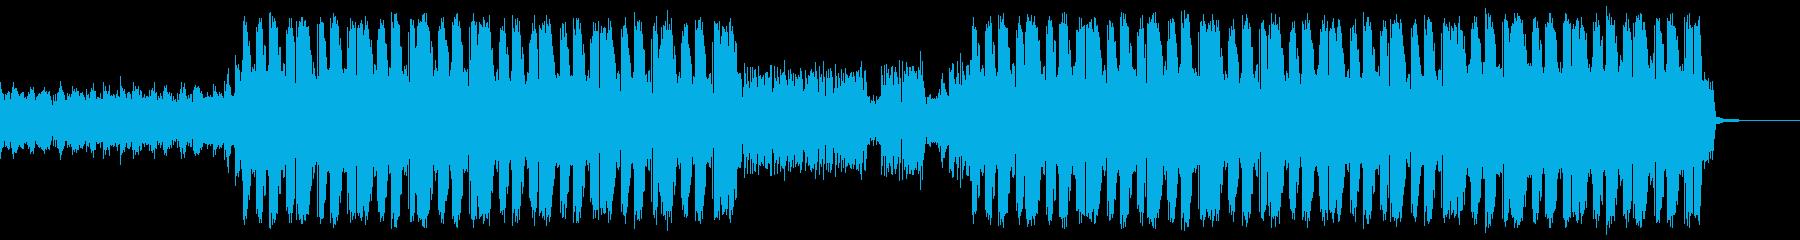 怖くてスピード感あるEDMトラップビートの再生済みの波形